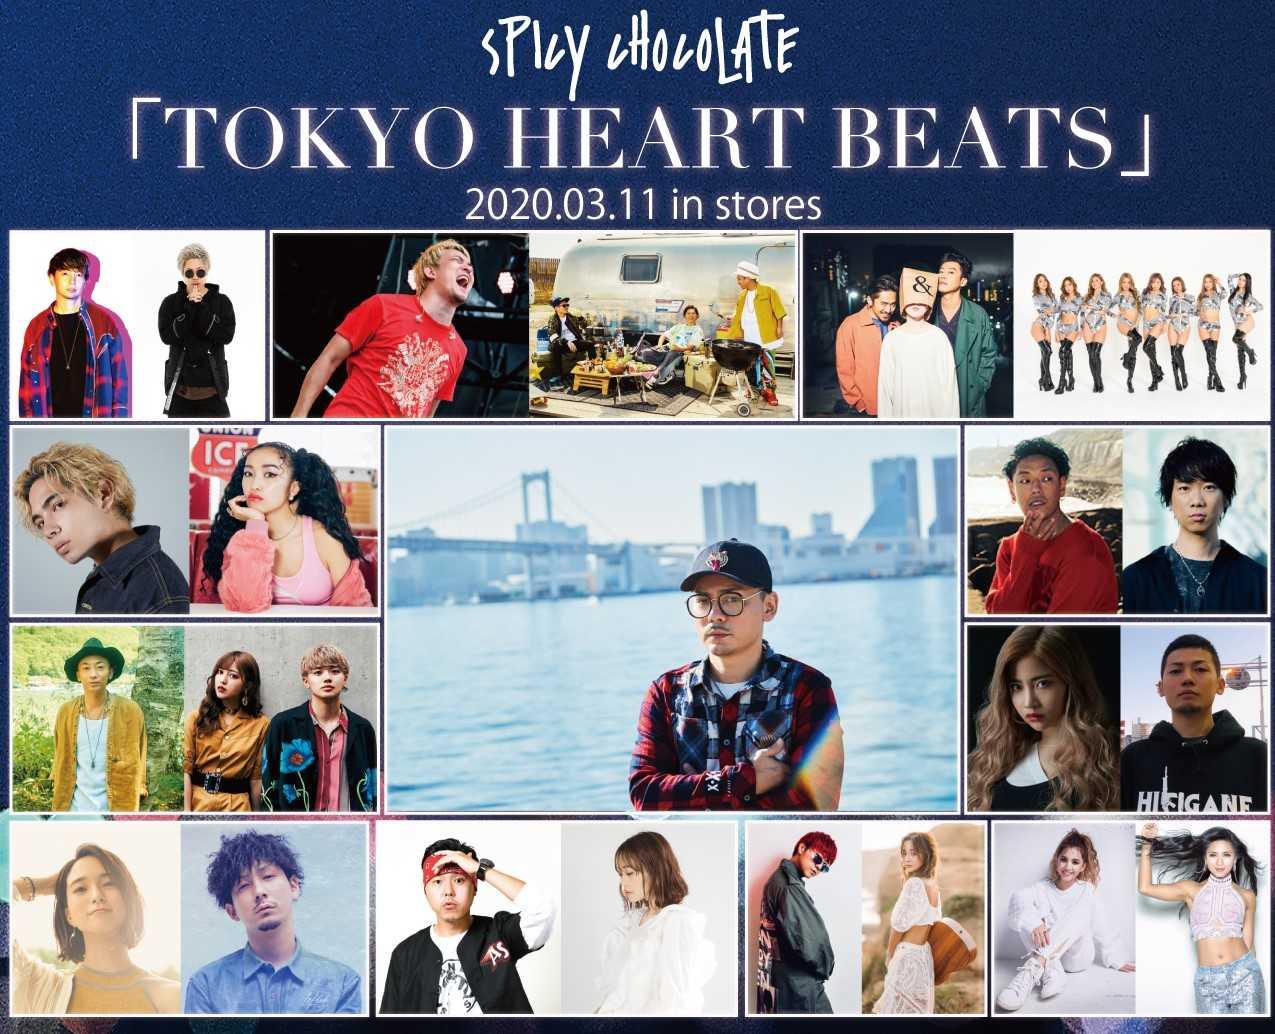 アルバム『TOKYO HEART BEATS』参加アーティスト